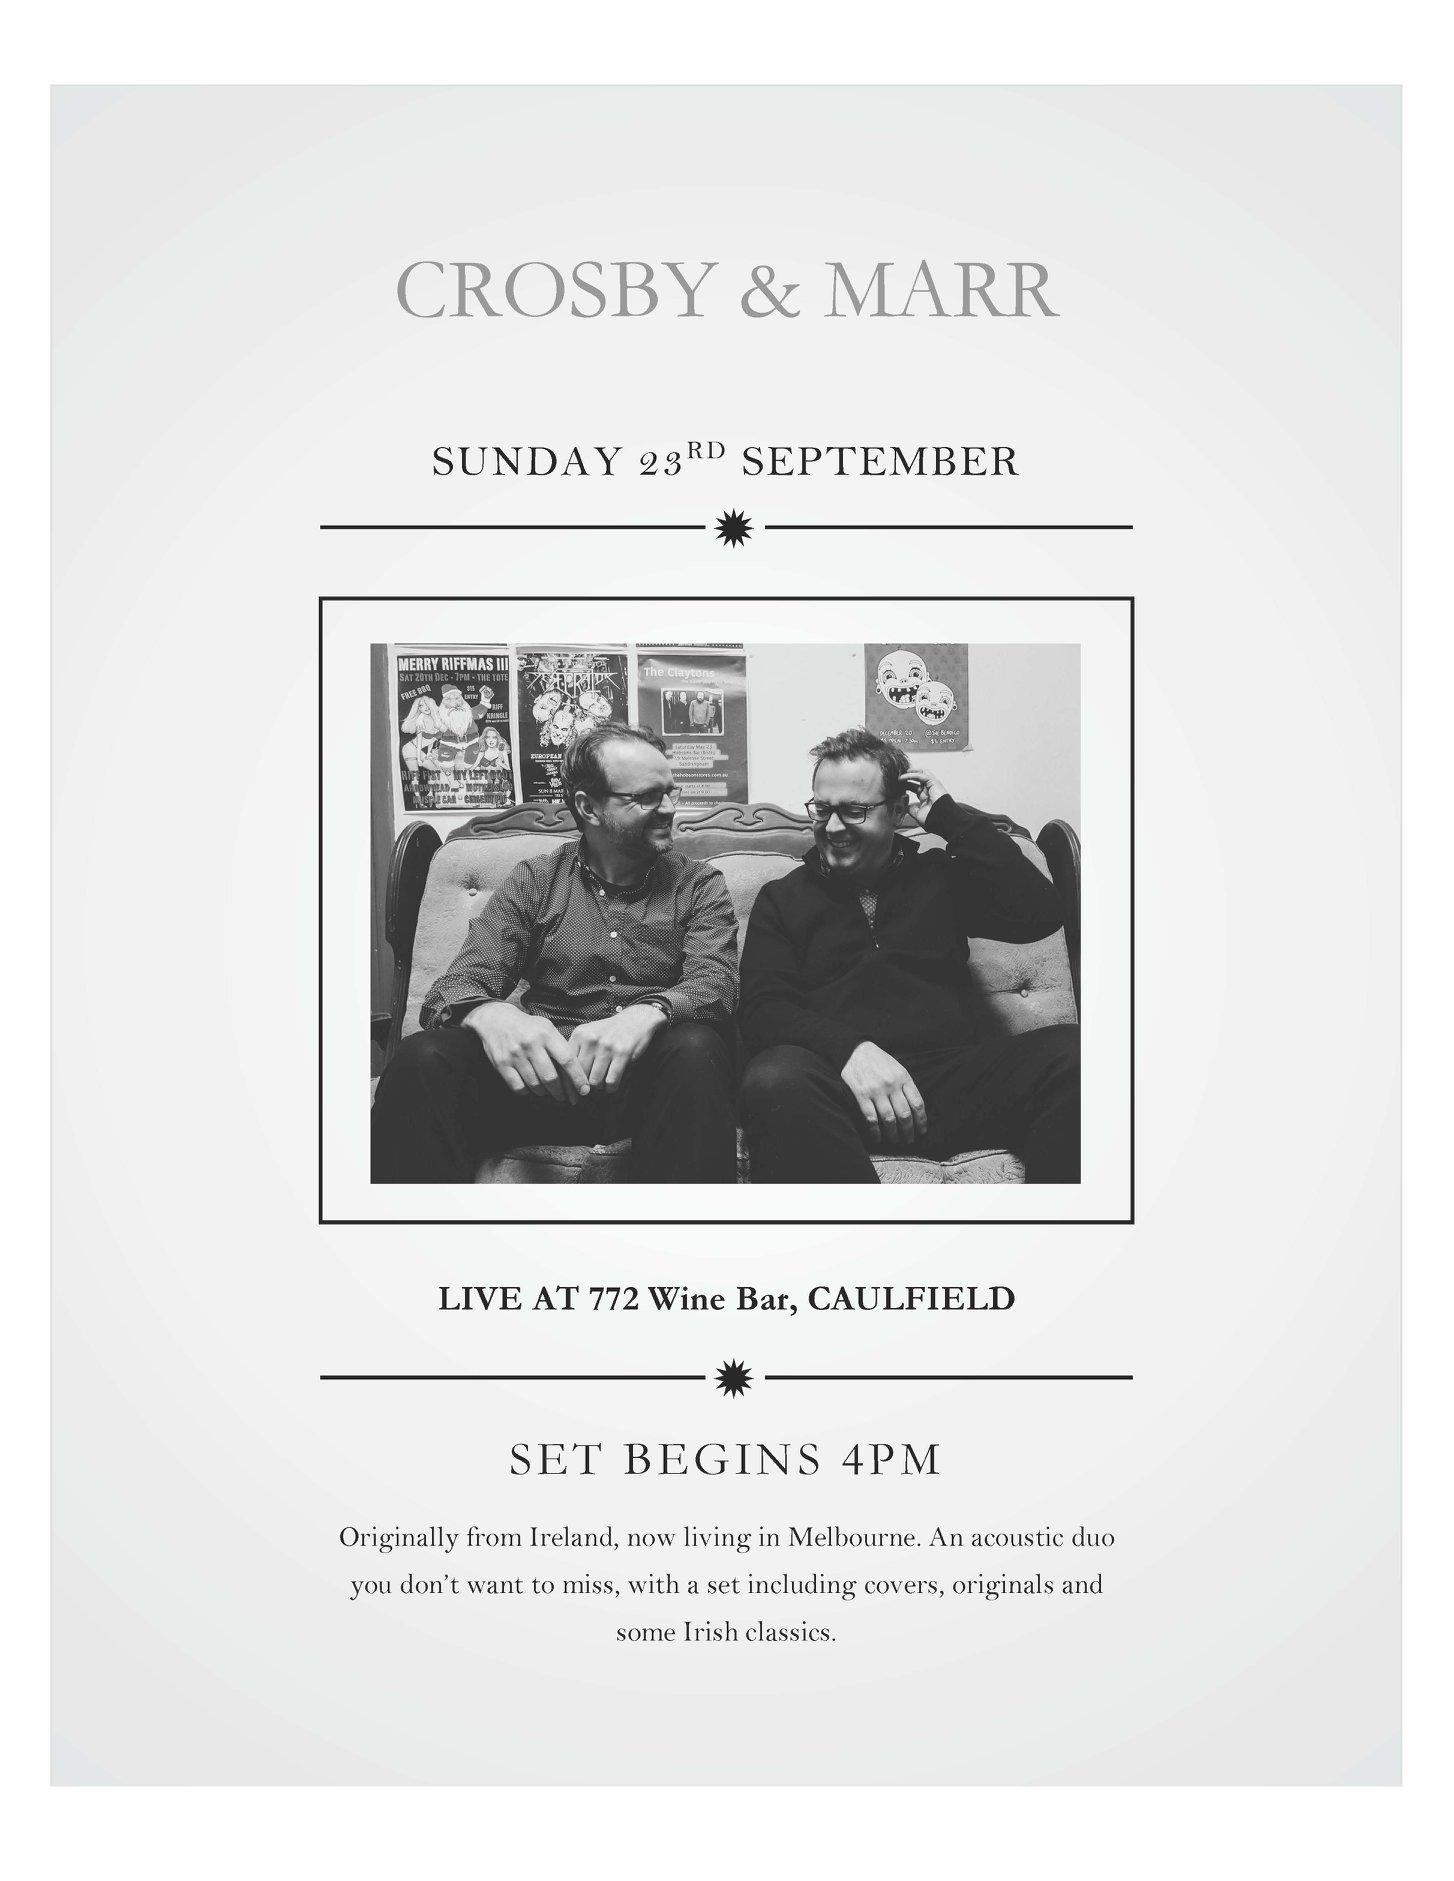 Crosby & Marr - 4pm - 7pm